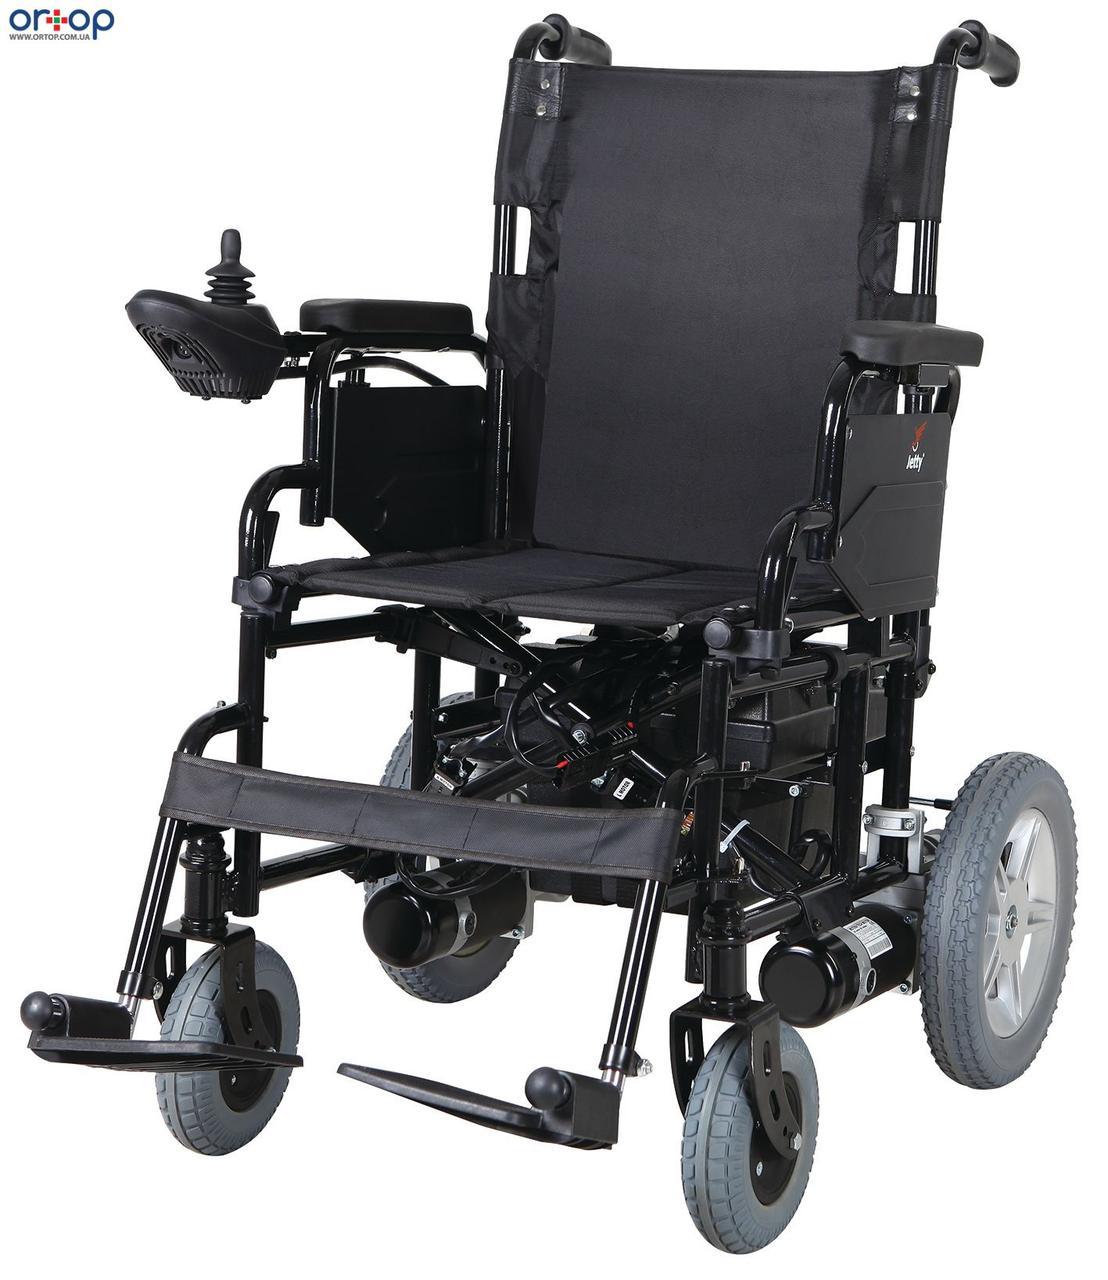 Инвалидная коляска металлическая, с двигателем, складная Heaco JT-100